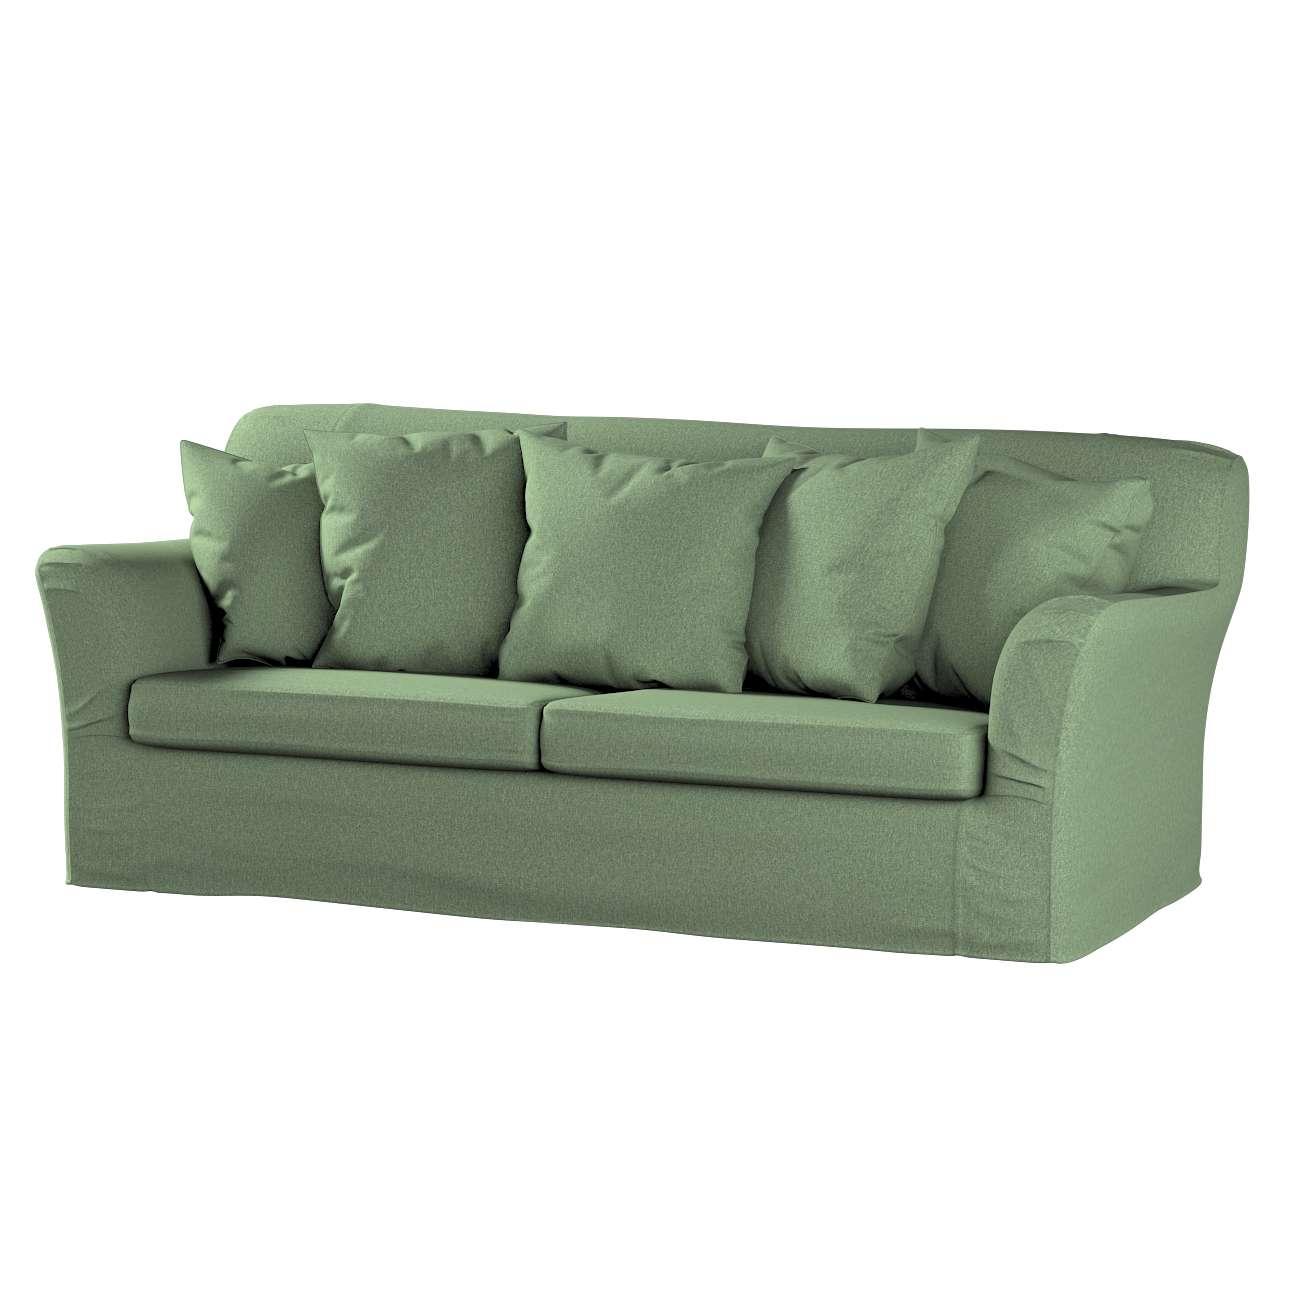 Pokrowiec na sofę Tomelilla 3-osobową rozkładaną w kolekcji Amsterdam, tkanina: 704-44